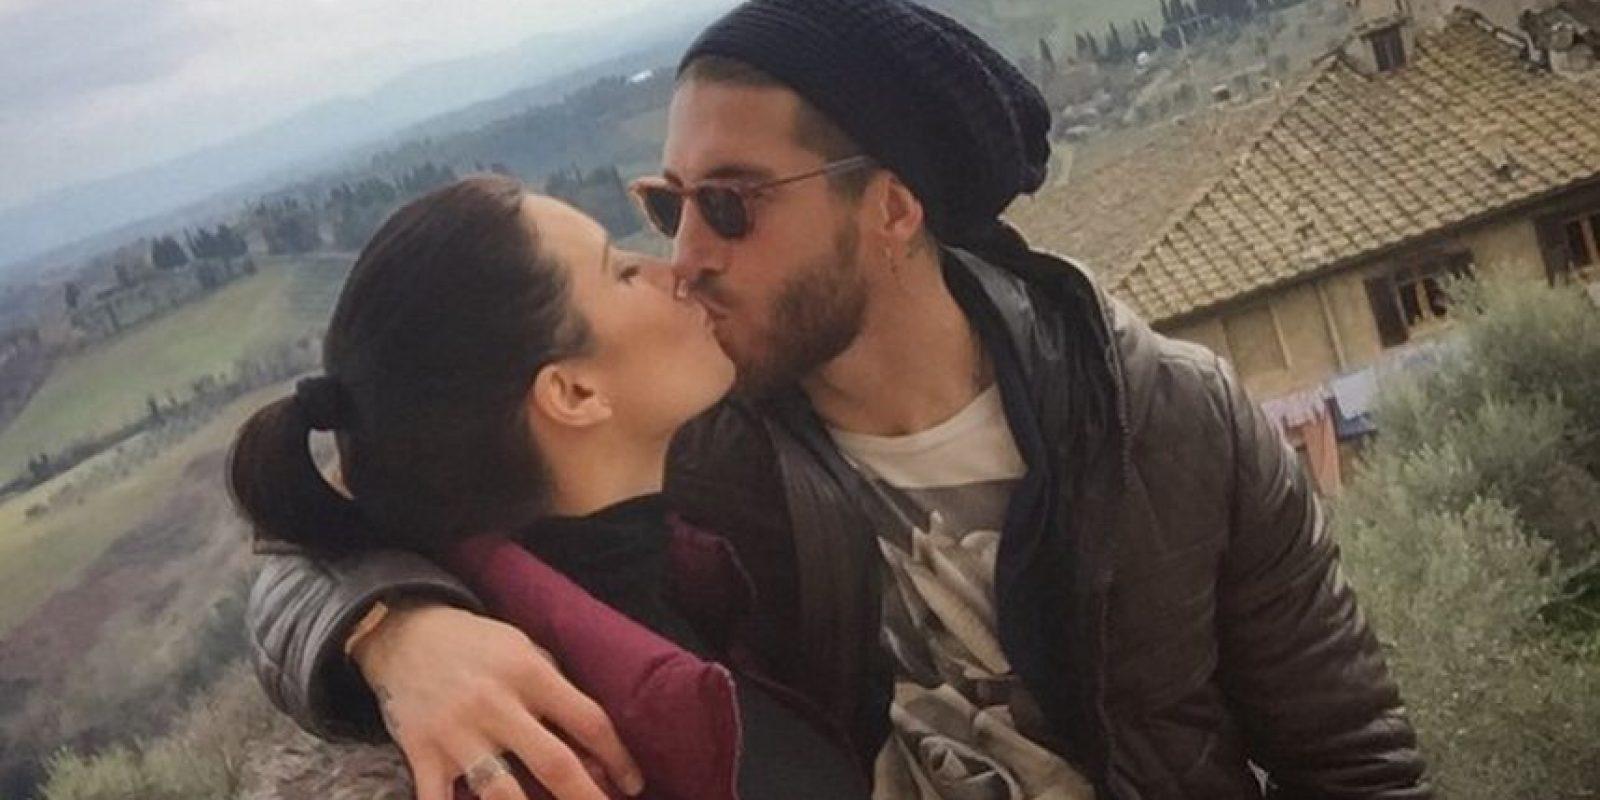 Desde 2012 mantiene una relación con Sergio Ramos Foto:Vía: twitter.com/PilarRubio_